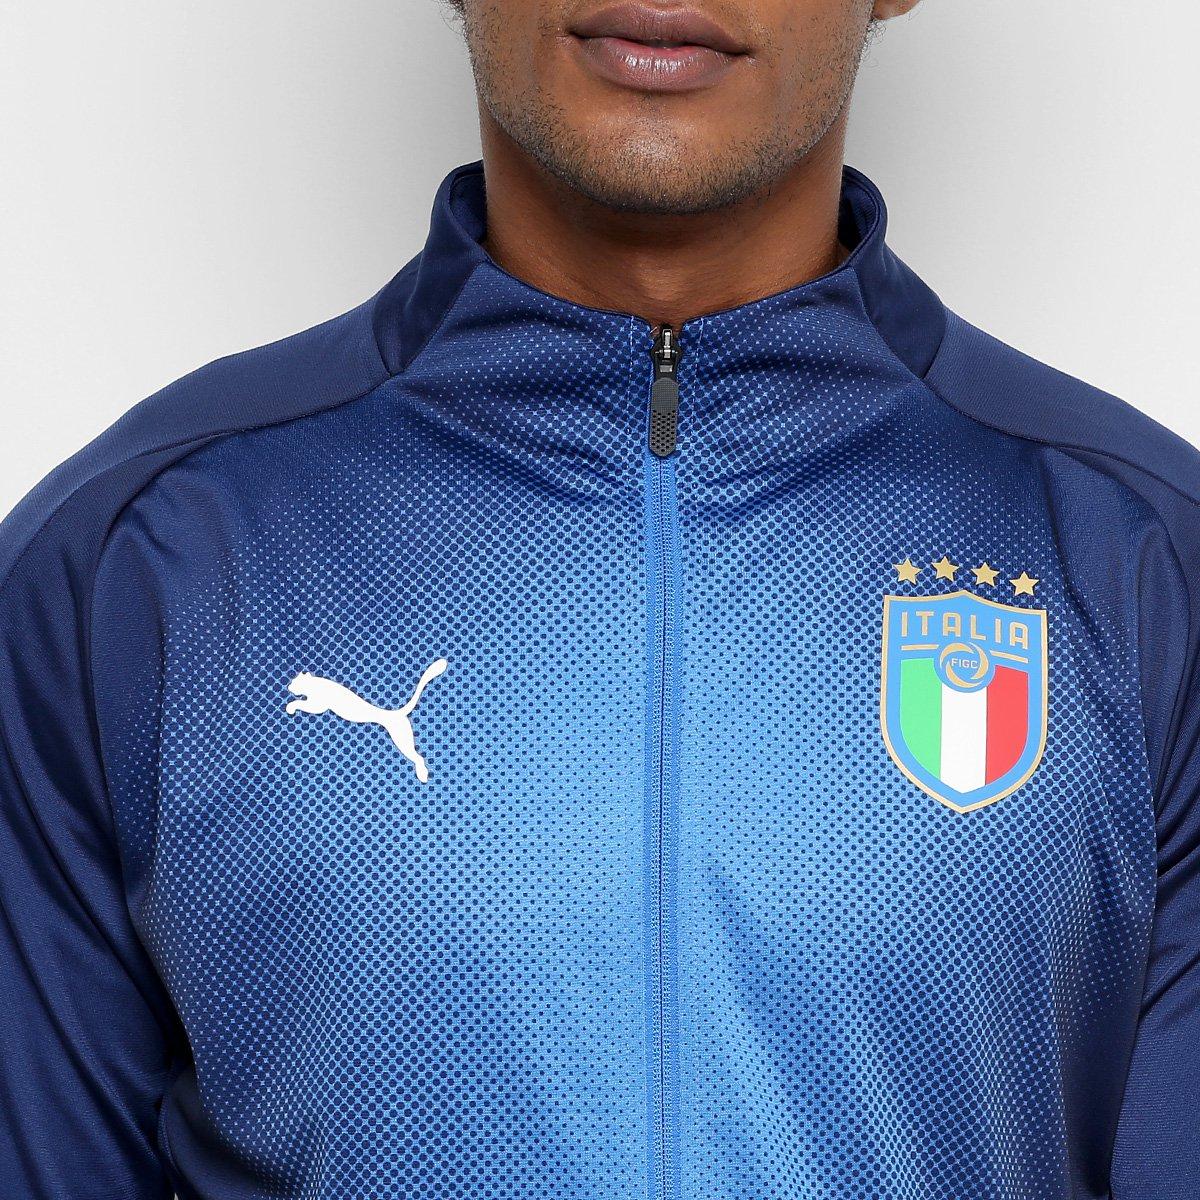 Jaqueta Itália Puma Stadium Masculina - Marinho e Azul - Compre ... d19c71ecc0d77